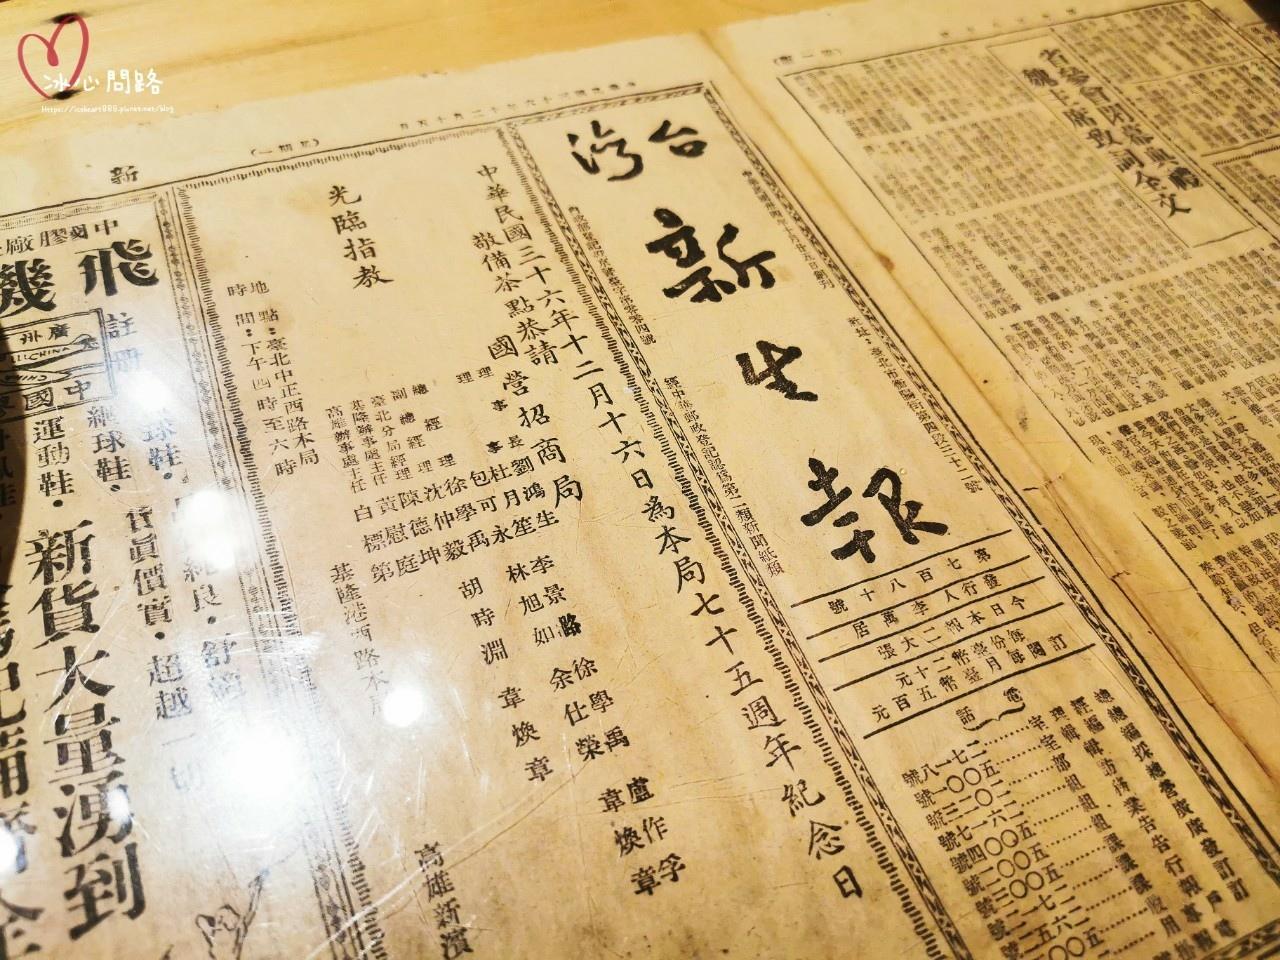 花蓮美食 燕子老宅 冰心問路 (5).jpg